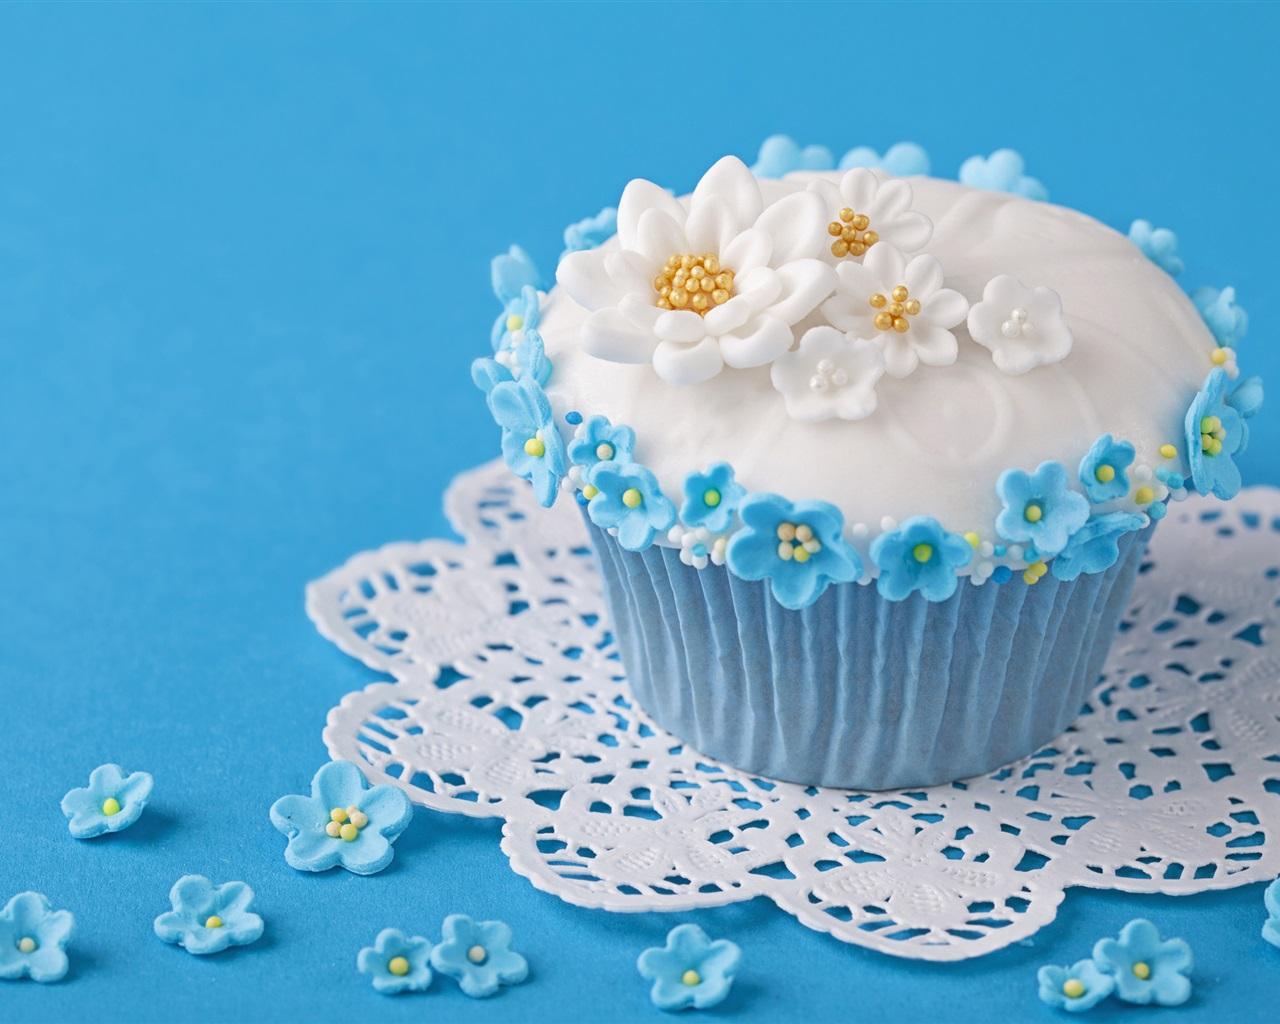 甜���/9�/9�9�%9�.��izj�_甜的食物,蛋糕,鲜花,蓝色的背景 壁纸 - 1280x1024